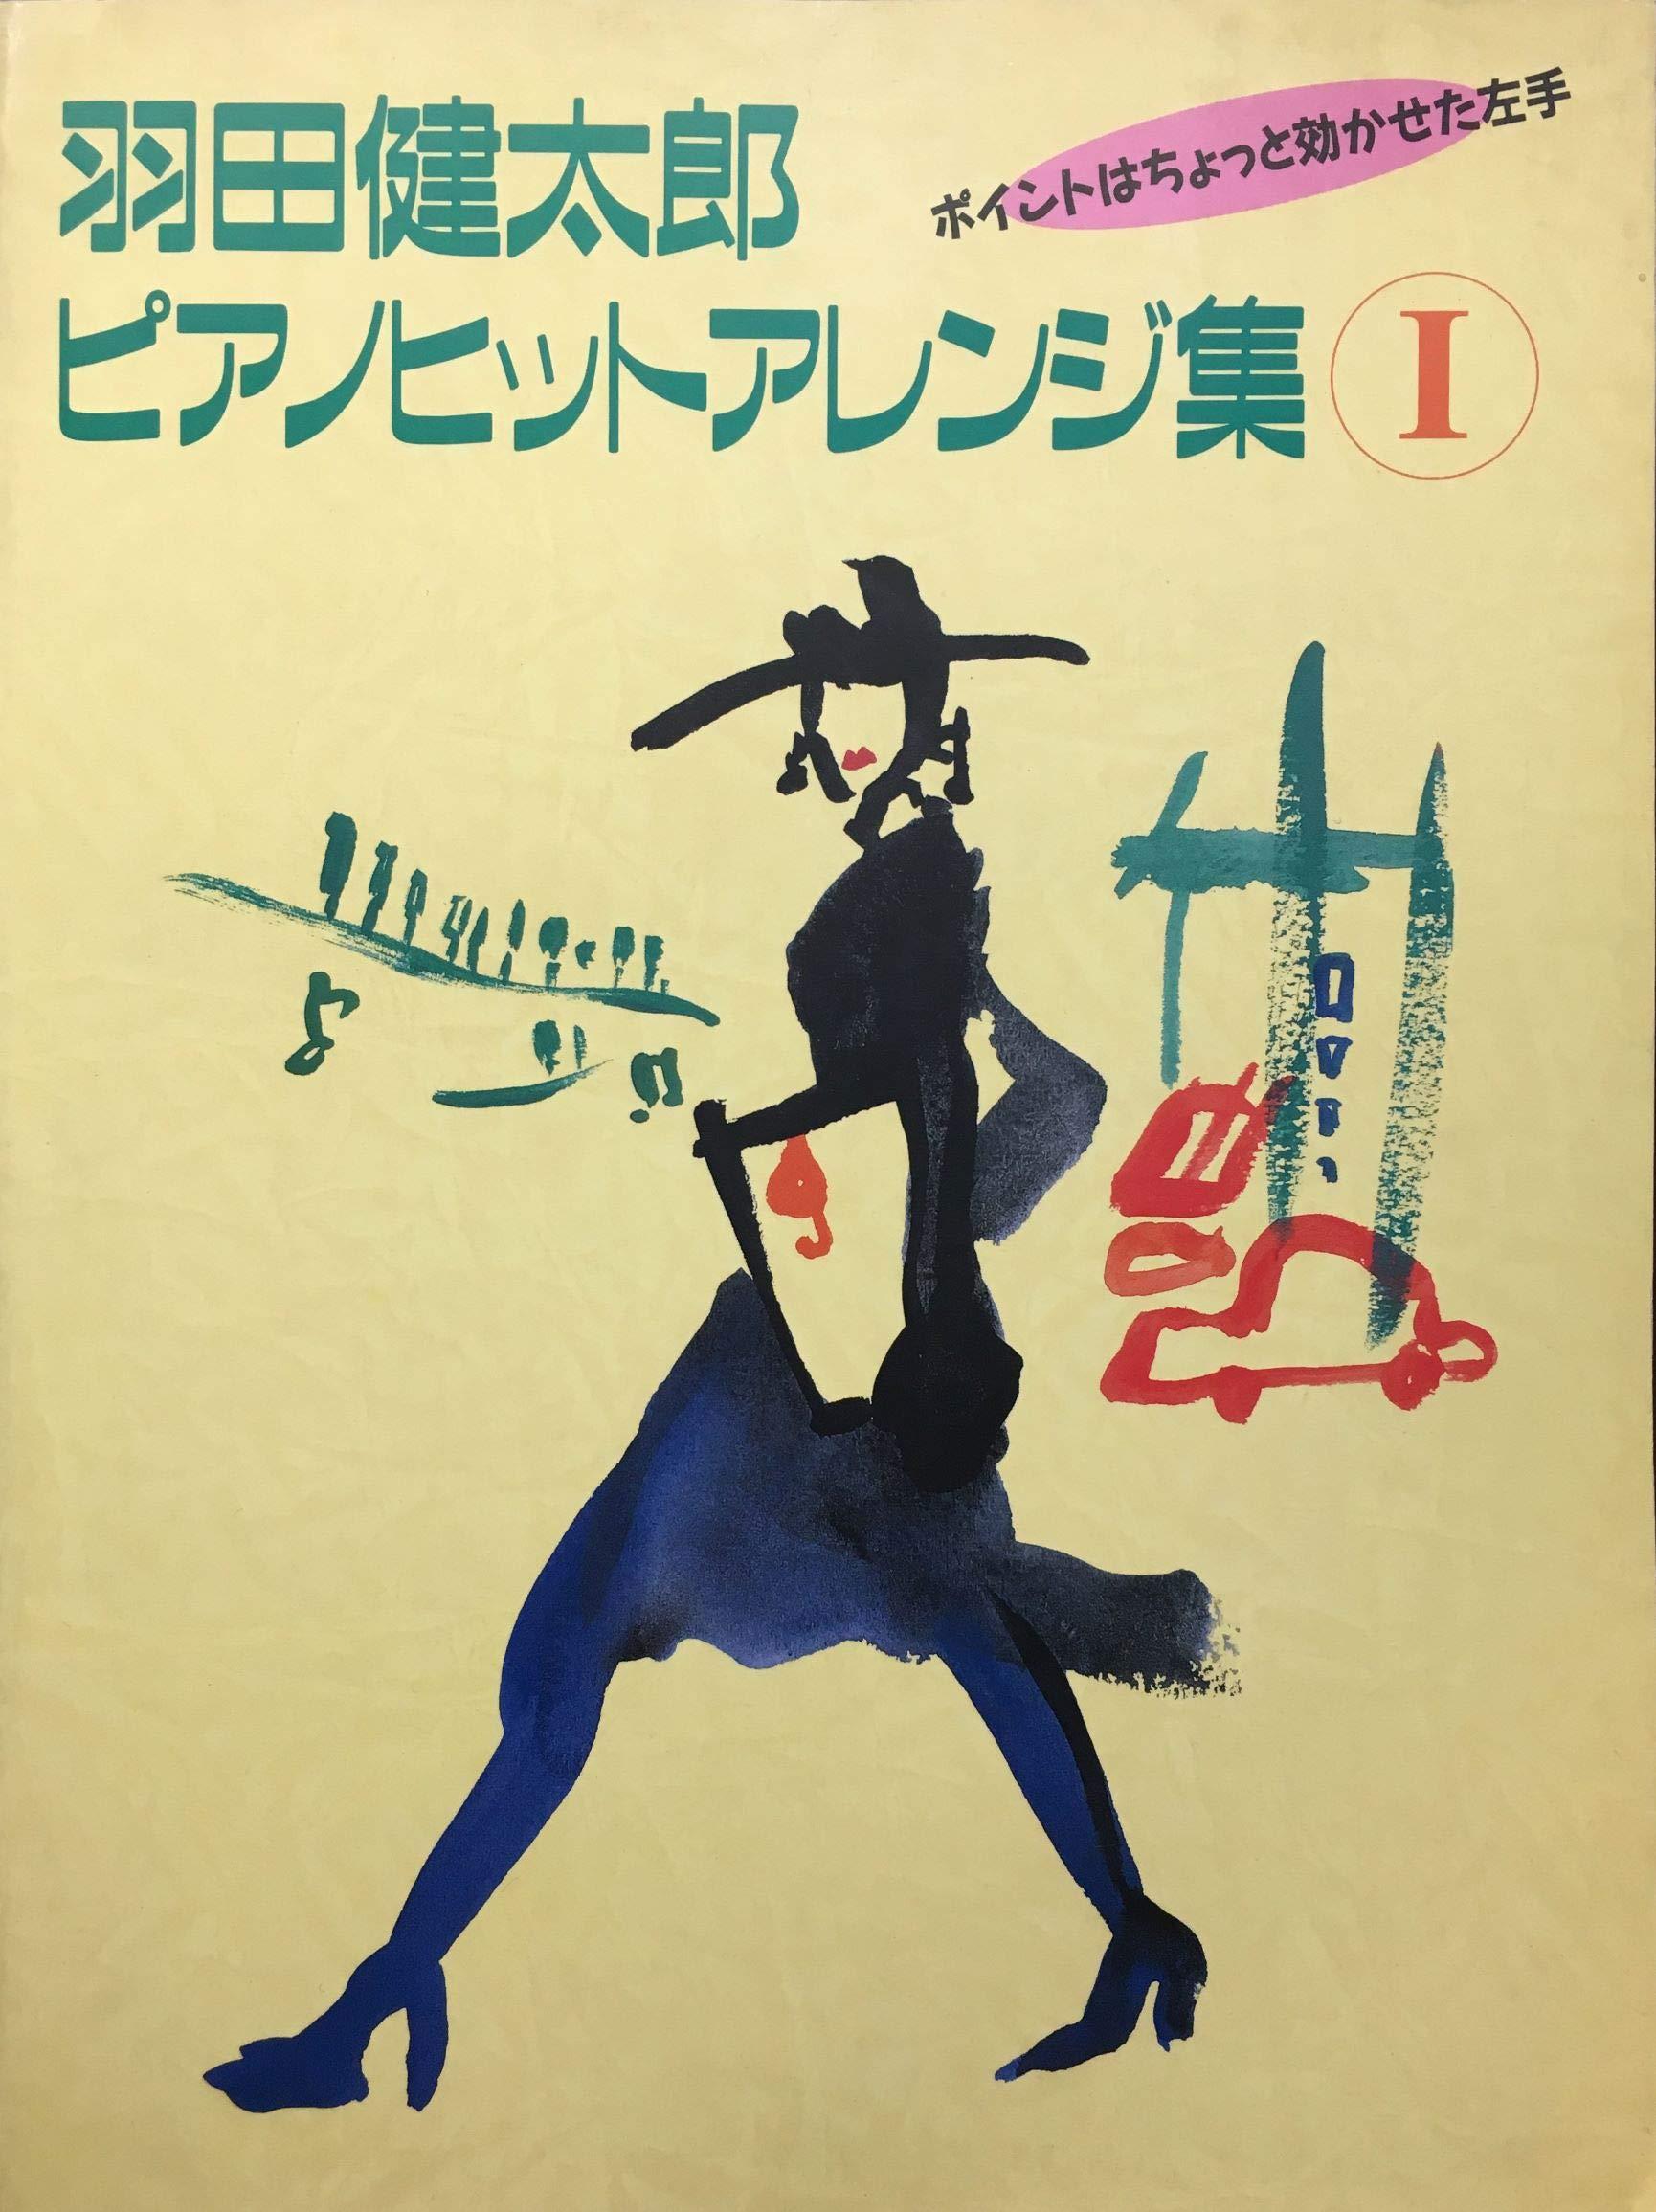 羽田健太郎ピアノヒットアレンジ集 I | 健太郎, 羽田 |本 | 通販 | Amazon